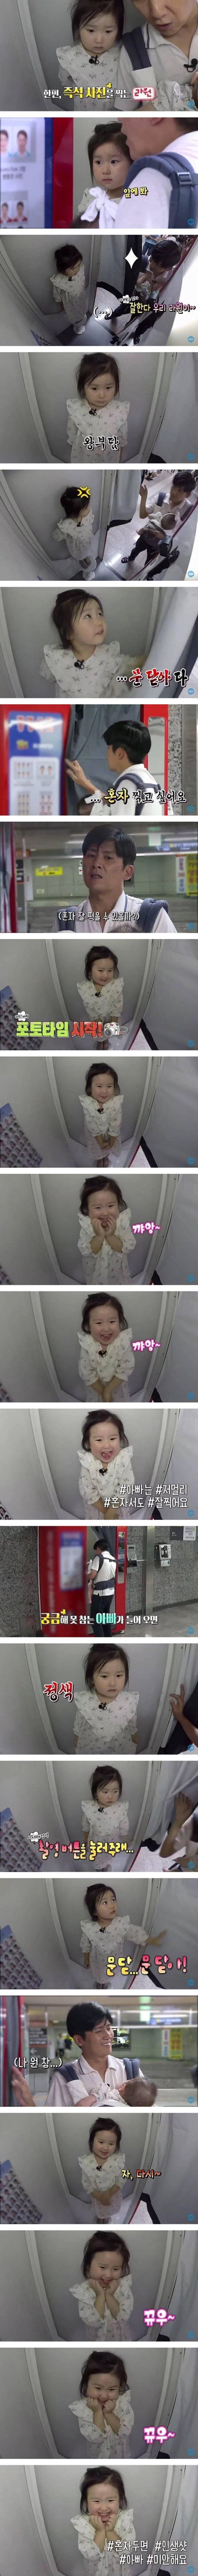 [슈돌] 방송 보고 딸 귀여워서 뒤집어졌을거 같은 홍경민.jpgif   인스티즈